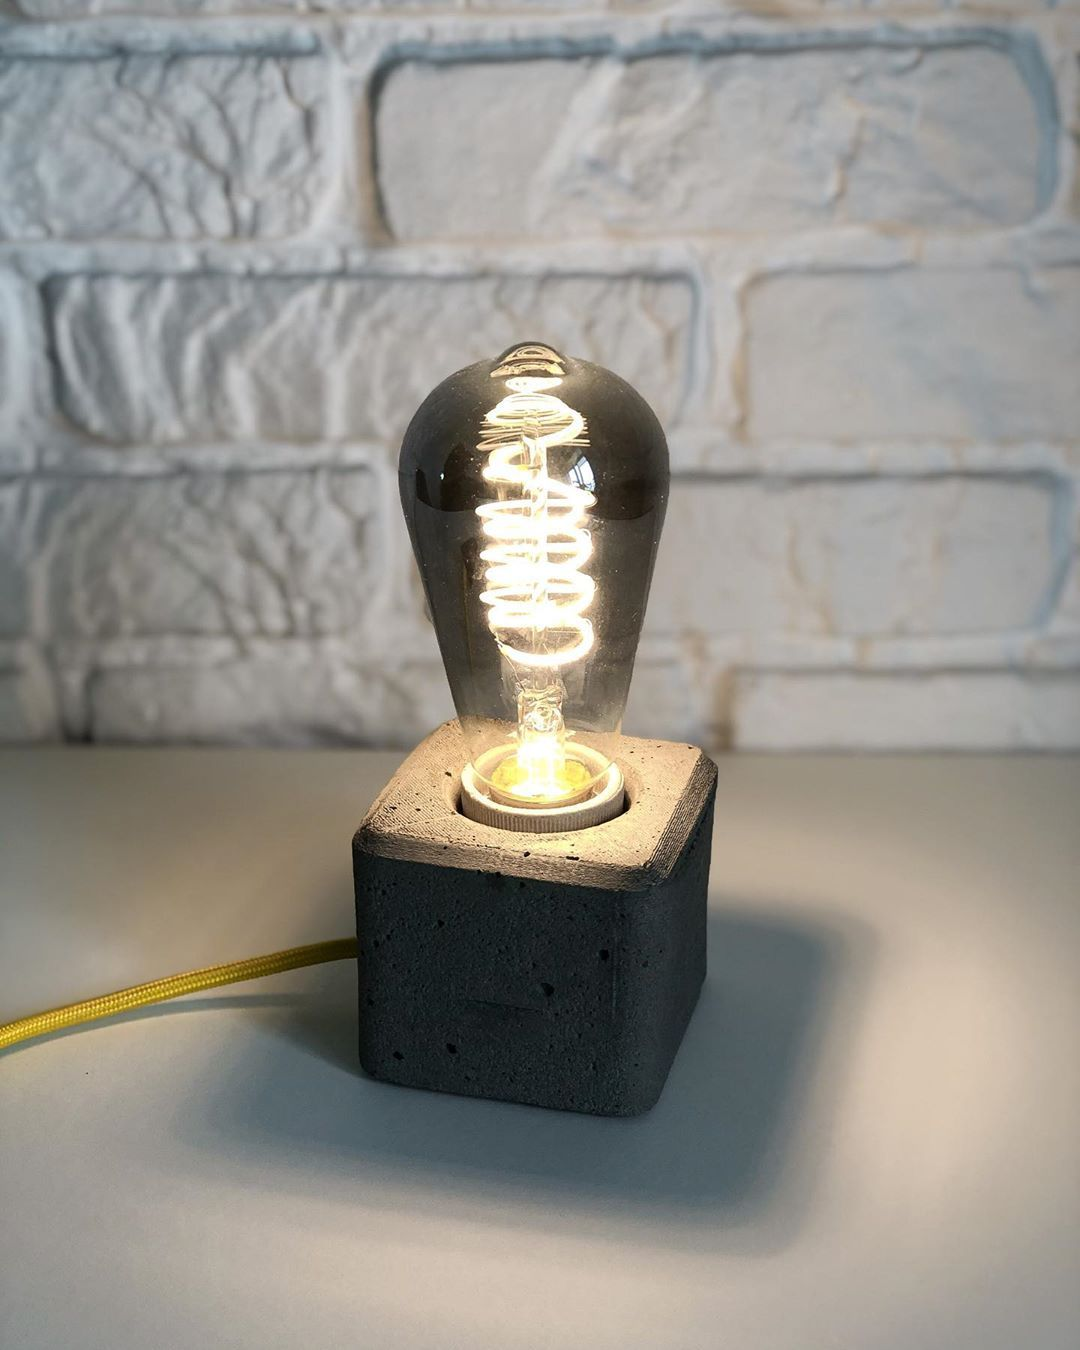 Лампочка бетон гост на панели из керамзитобетона